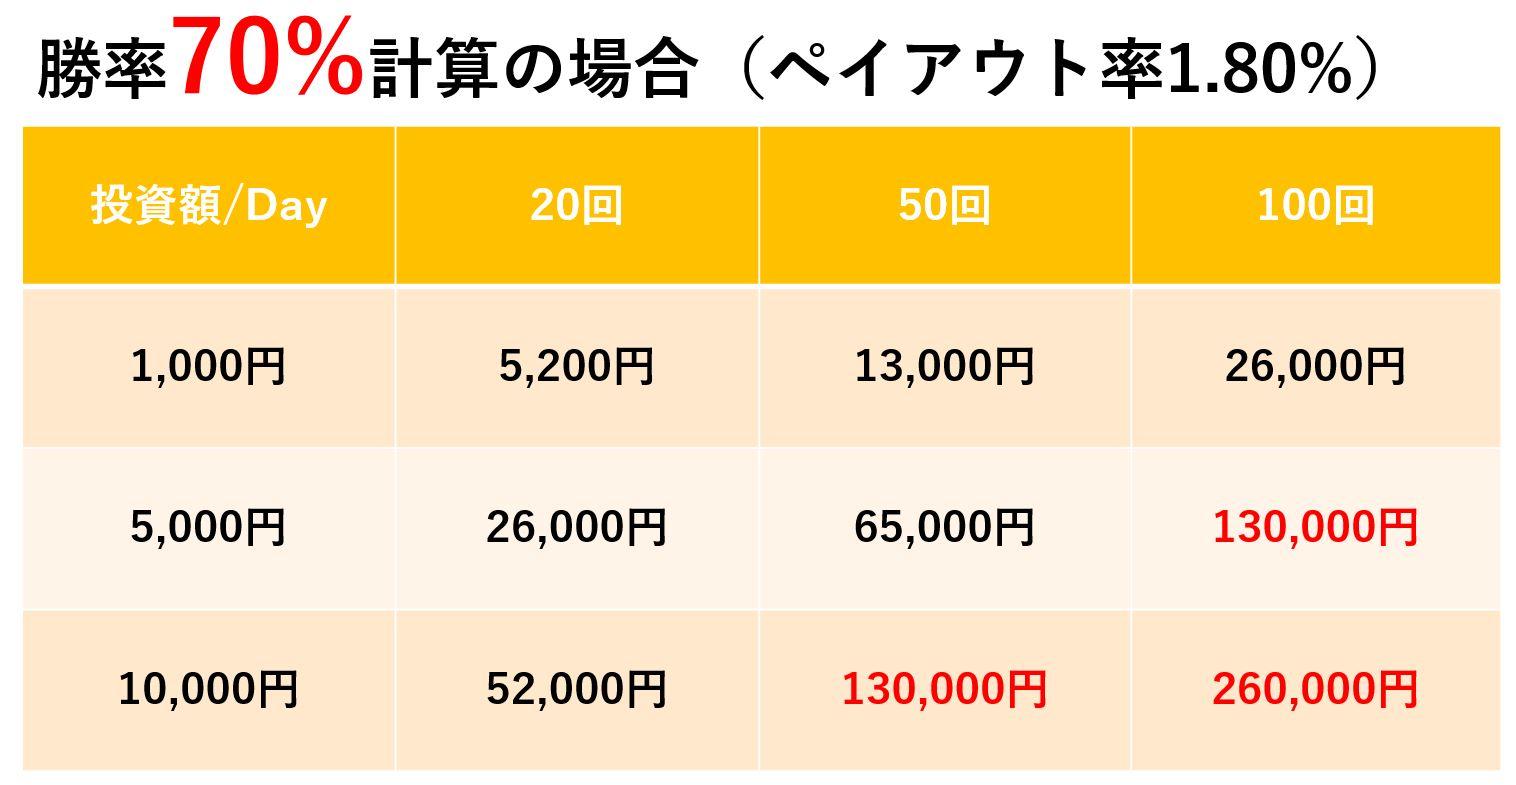 バイナリーオプションのペイアウト率一覧表